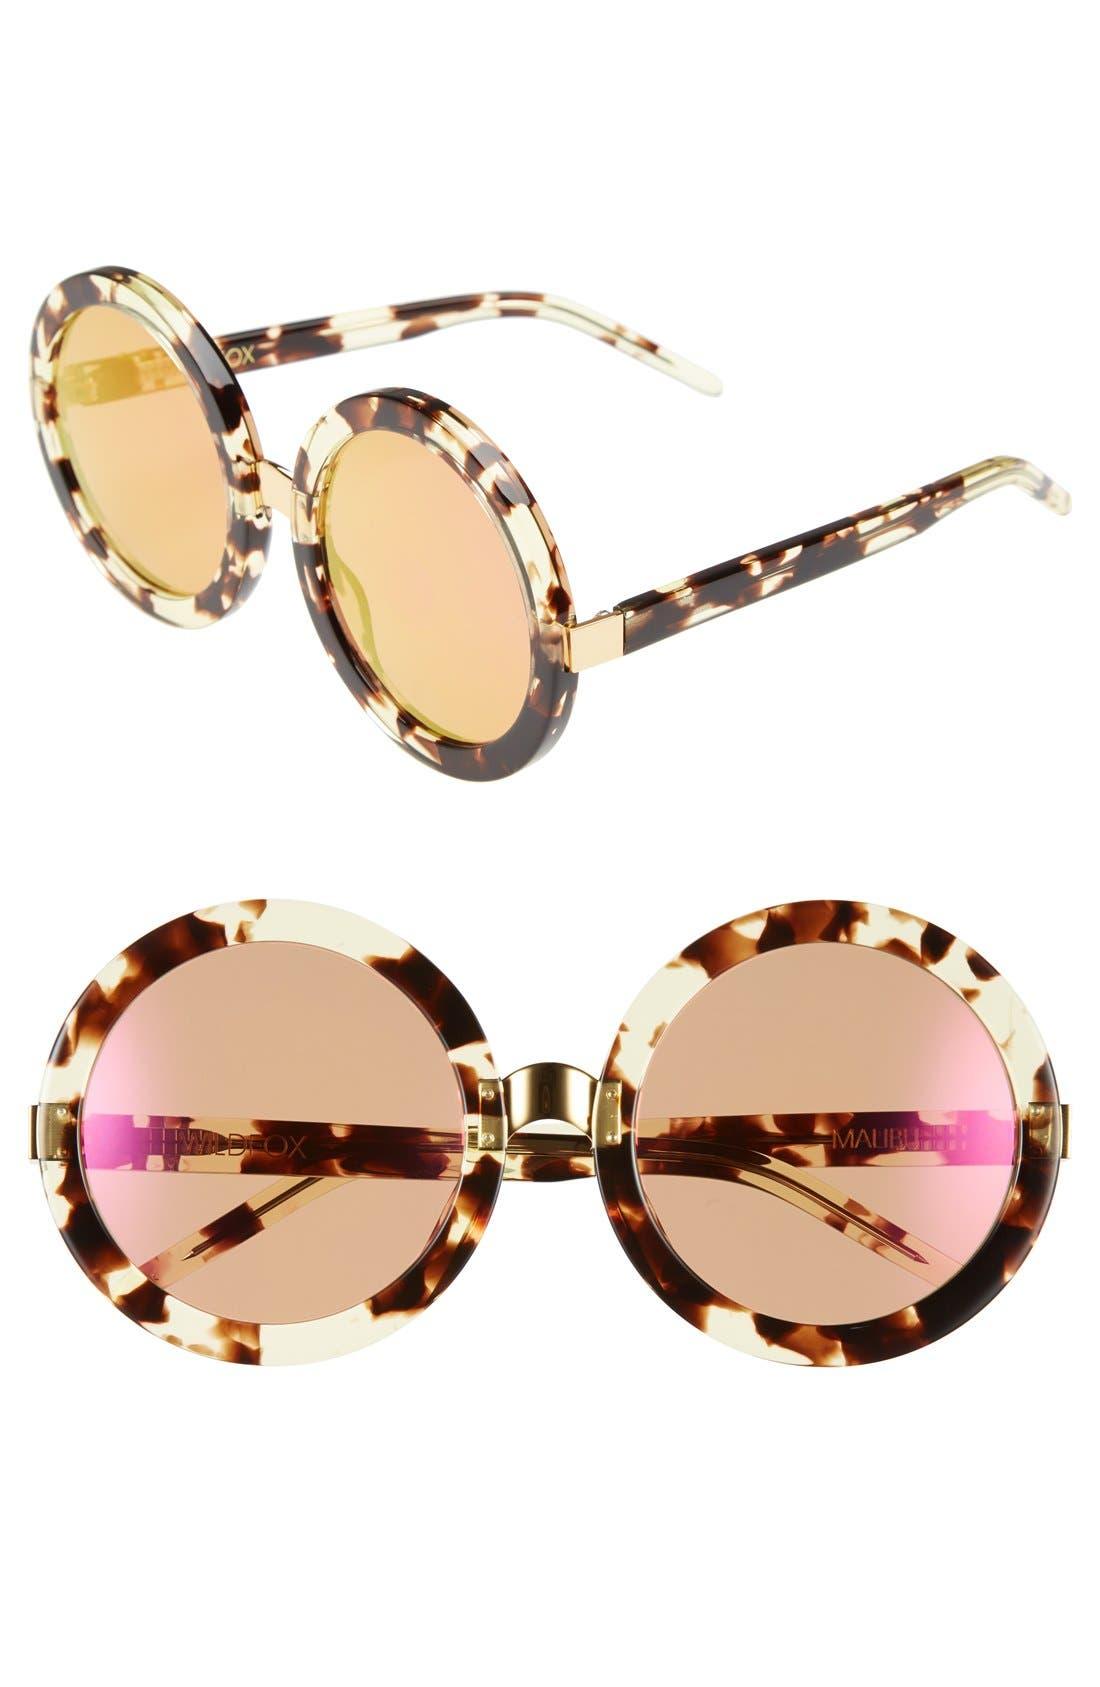 Alternate Image 1 Selected - Wildfox 'Malibu Deluxe' 55mm Retro Sunglasses